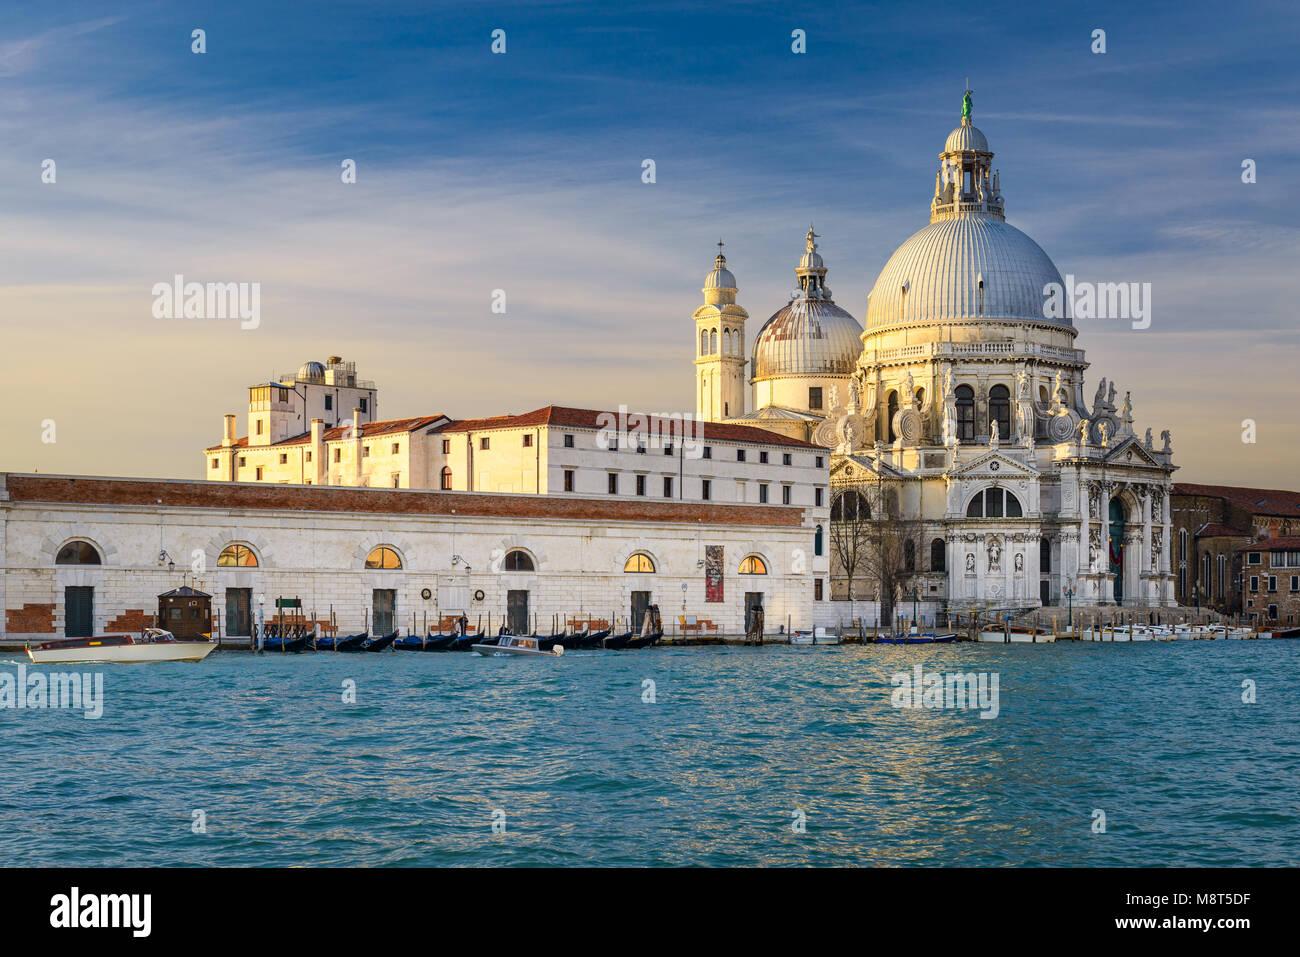 Grand Canal with Basilica Santa Maria della Salute in Venice, Italy - Stock Image